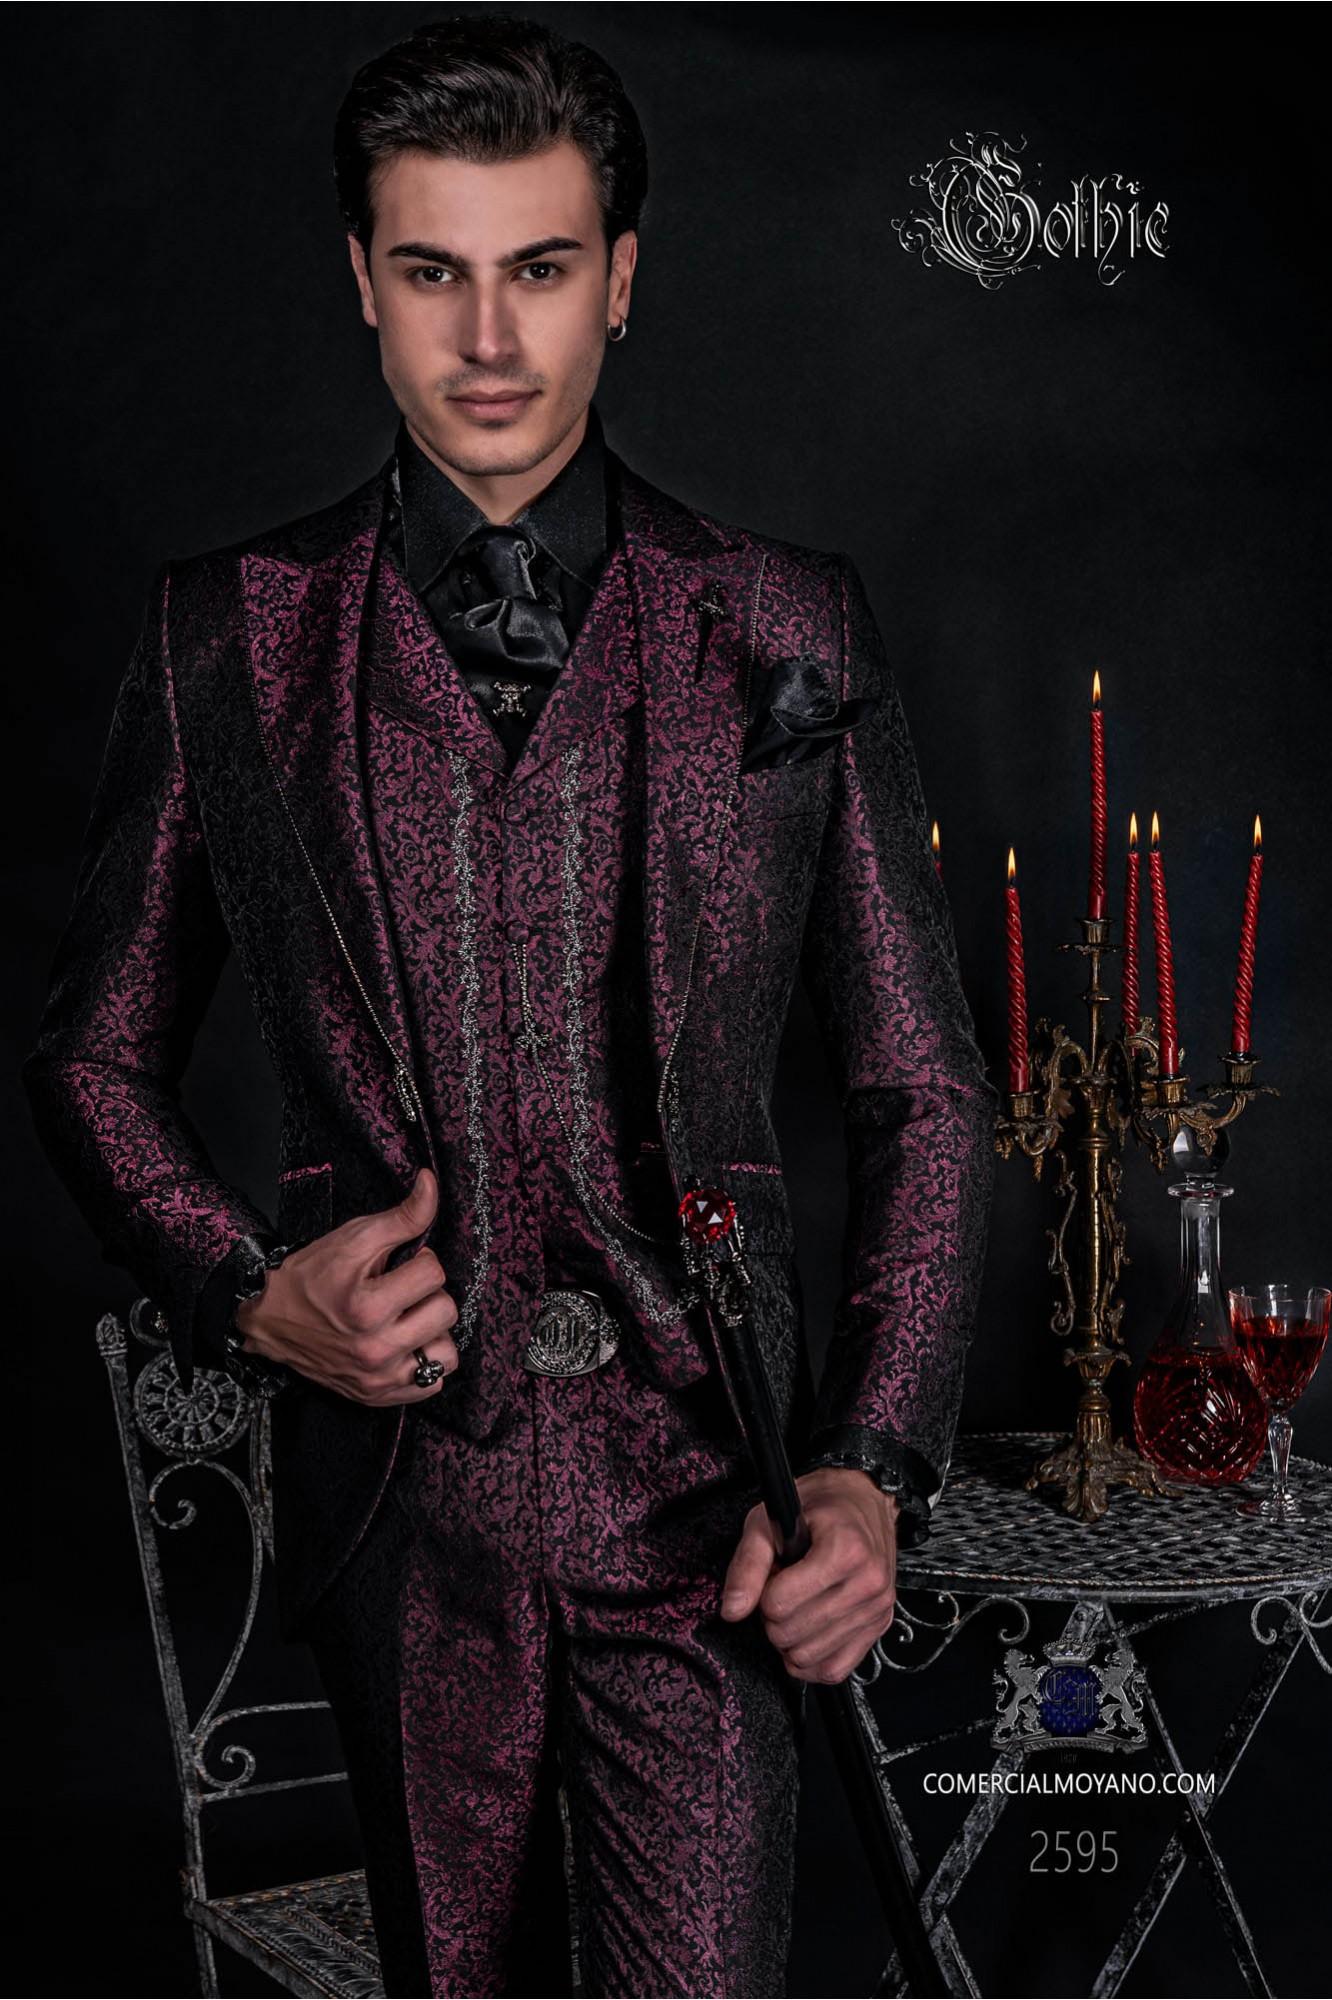 Anzug Barock. Klassiker Anzug Mantel schwarzem Stoff Kristall Strass auf den Aufschlägen und Burgunder jacquard